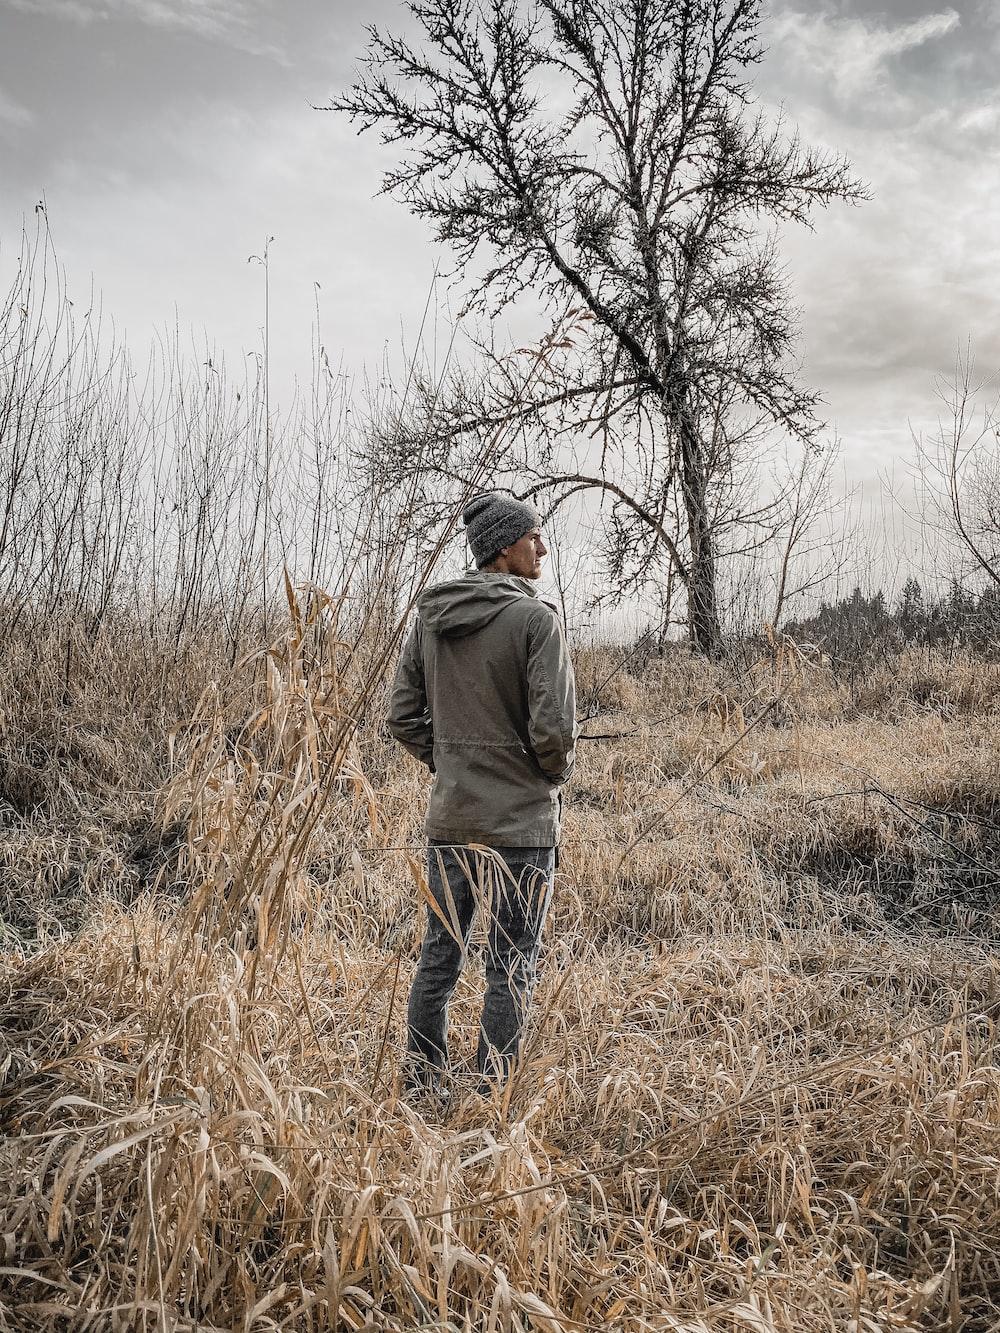 man standing on bush near tree during daytime